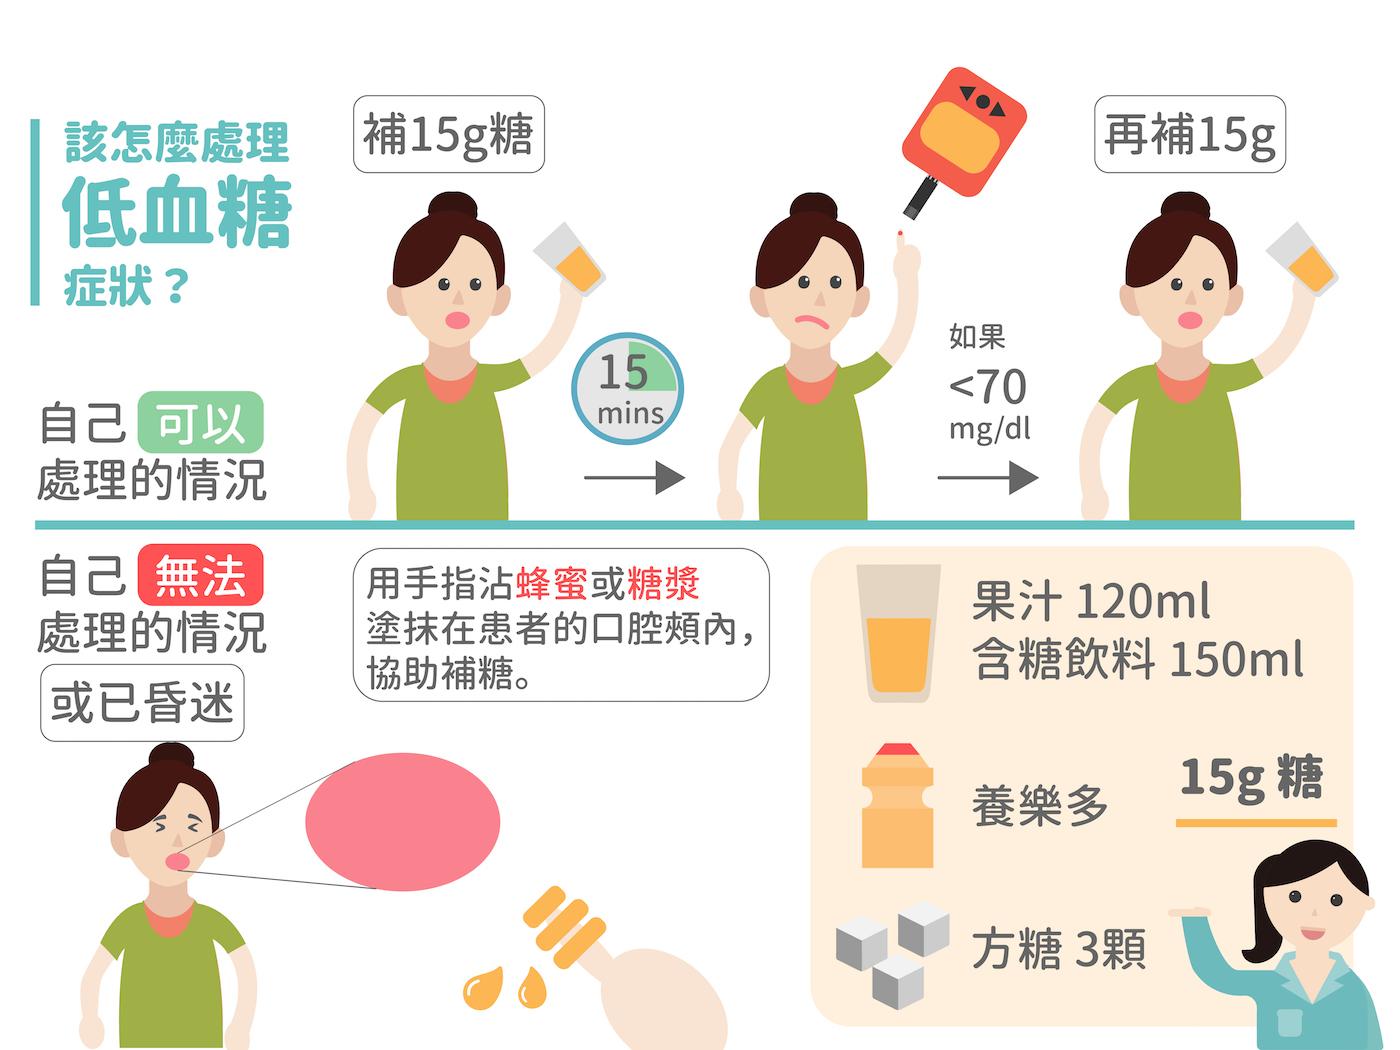 糖尿病患者遇上低血糖狀況時的處理方法。如果是患者本人可以處理的情形,量測當下血糖值 45-70mg/dl 時先補充15克的糖,<45mg/dl則是補充30克的糖,將血糖值回升在70mg/dl以上。如果患者的情況太嚴重或是已經昏迷,旁邊的人需幫助患者補糖,補糖後血糖依舊沒有回升時,就需要趕快送醫。